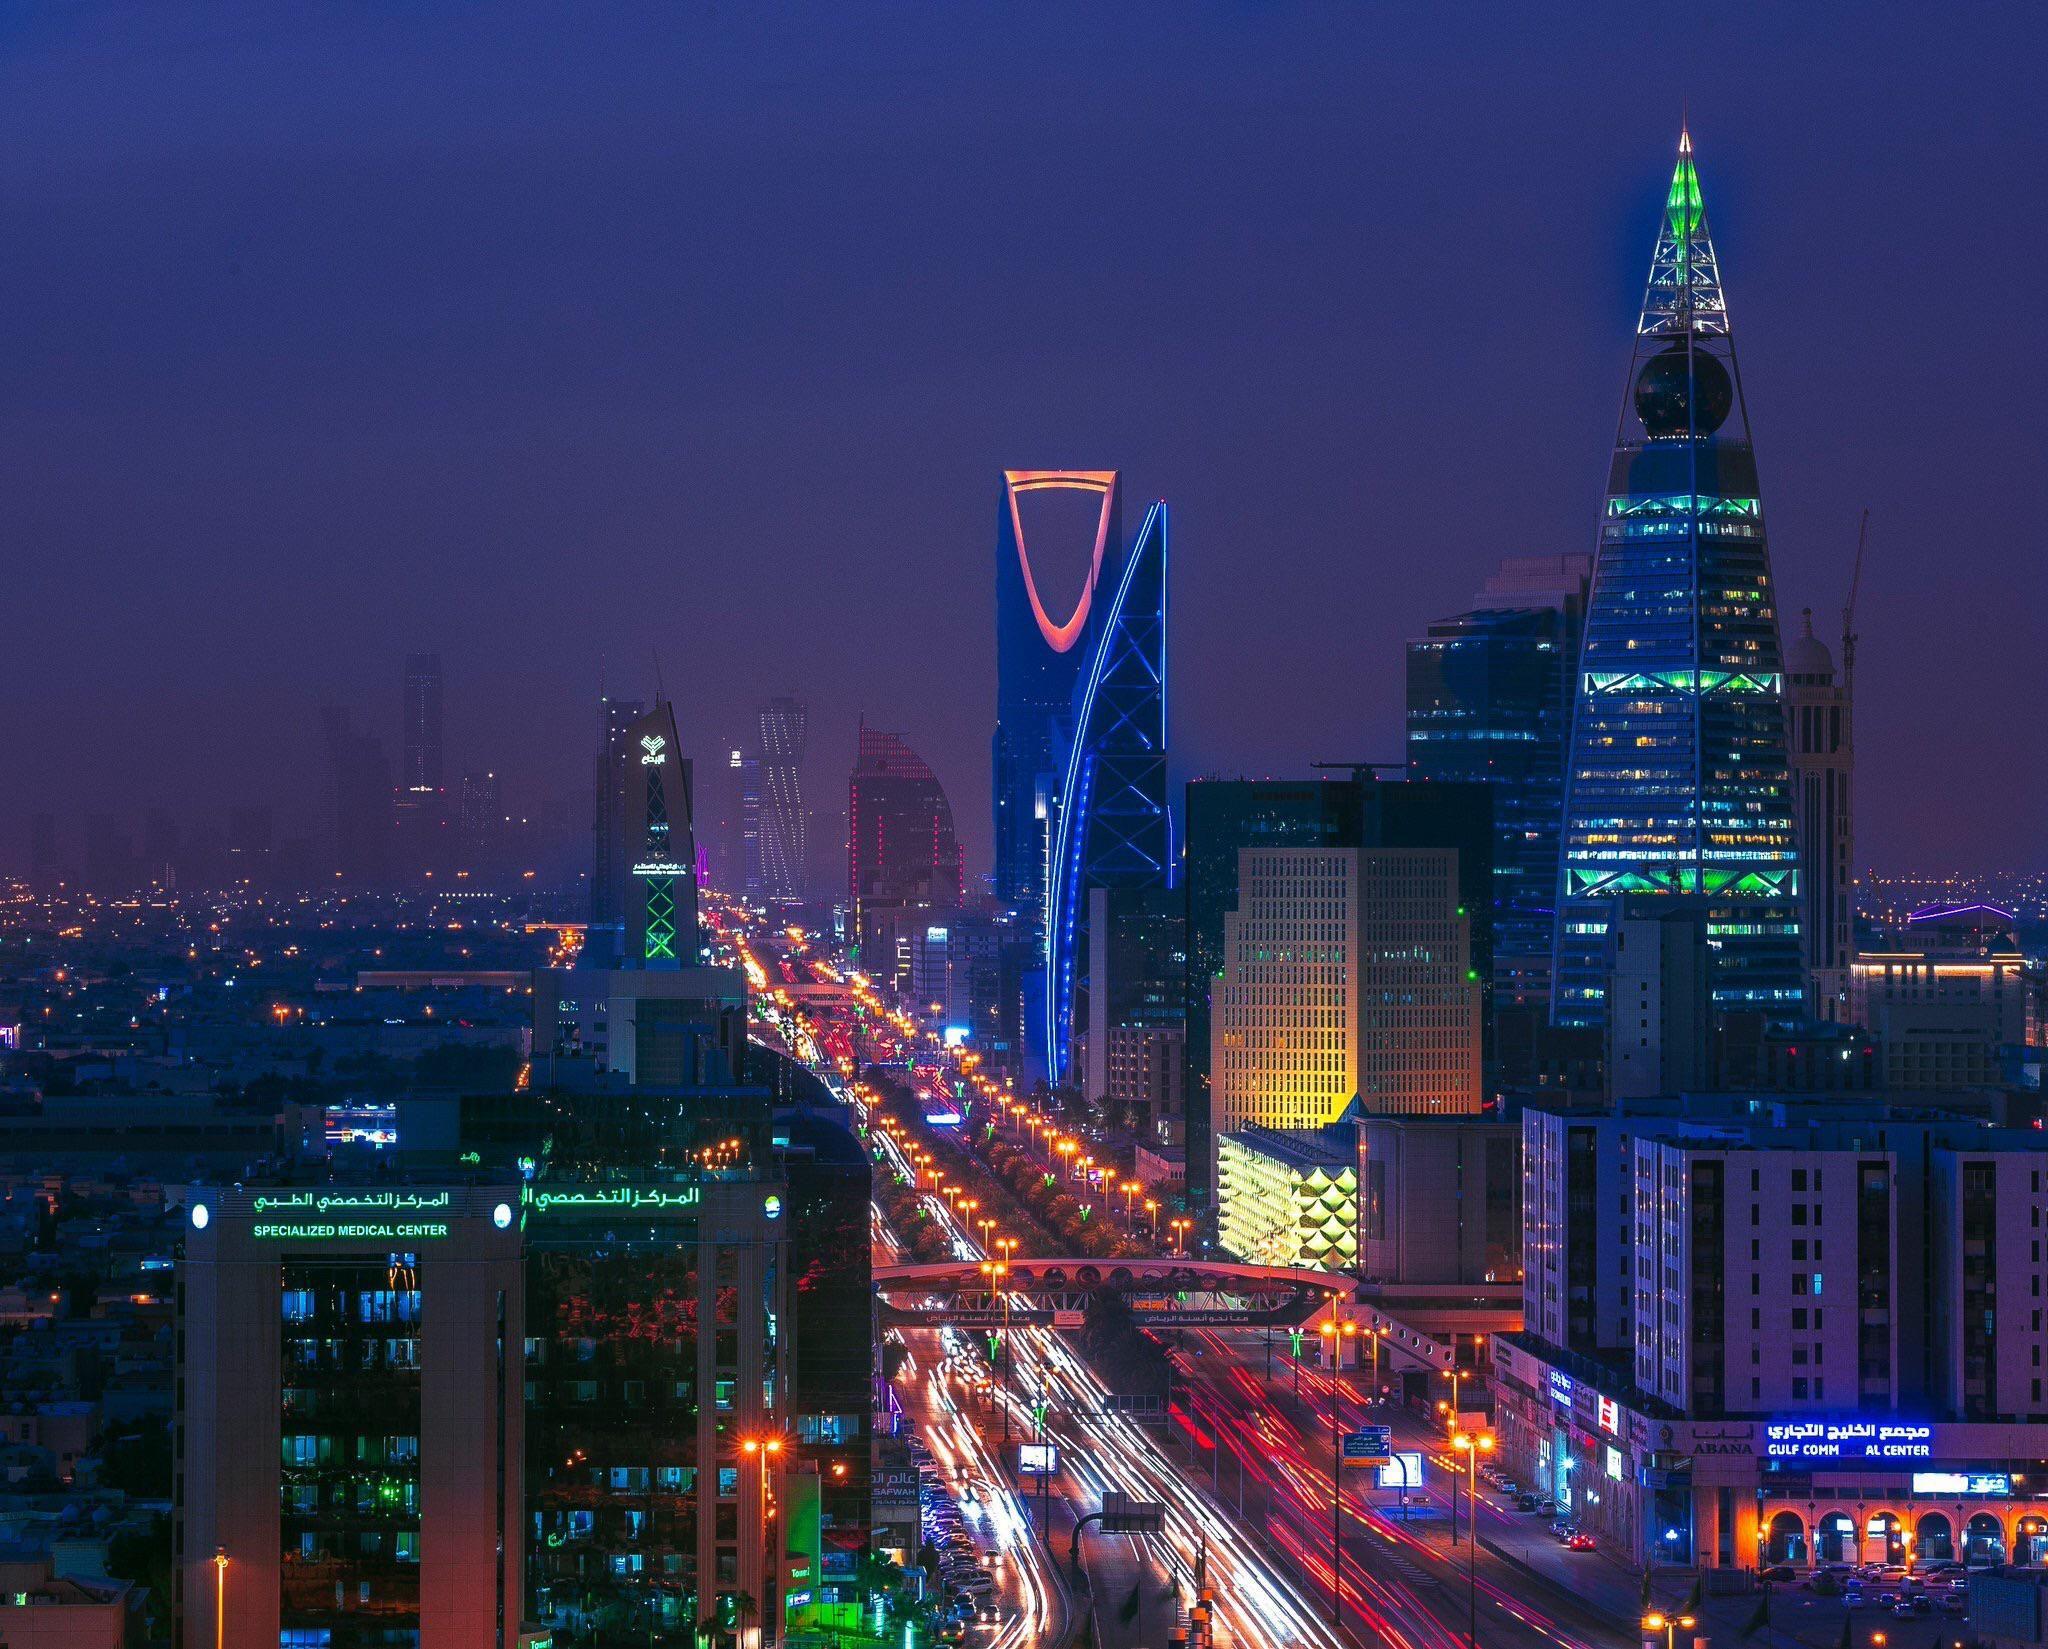 Riyadh Saudi Arabia City Cities Buildings Photography Riyadh Saudi Arabia Saudi Arabia Culture Ksa Saudi Arabia